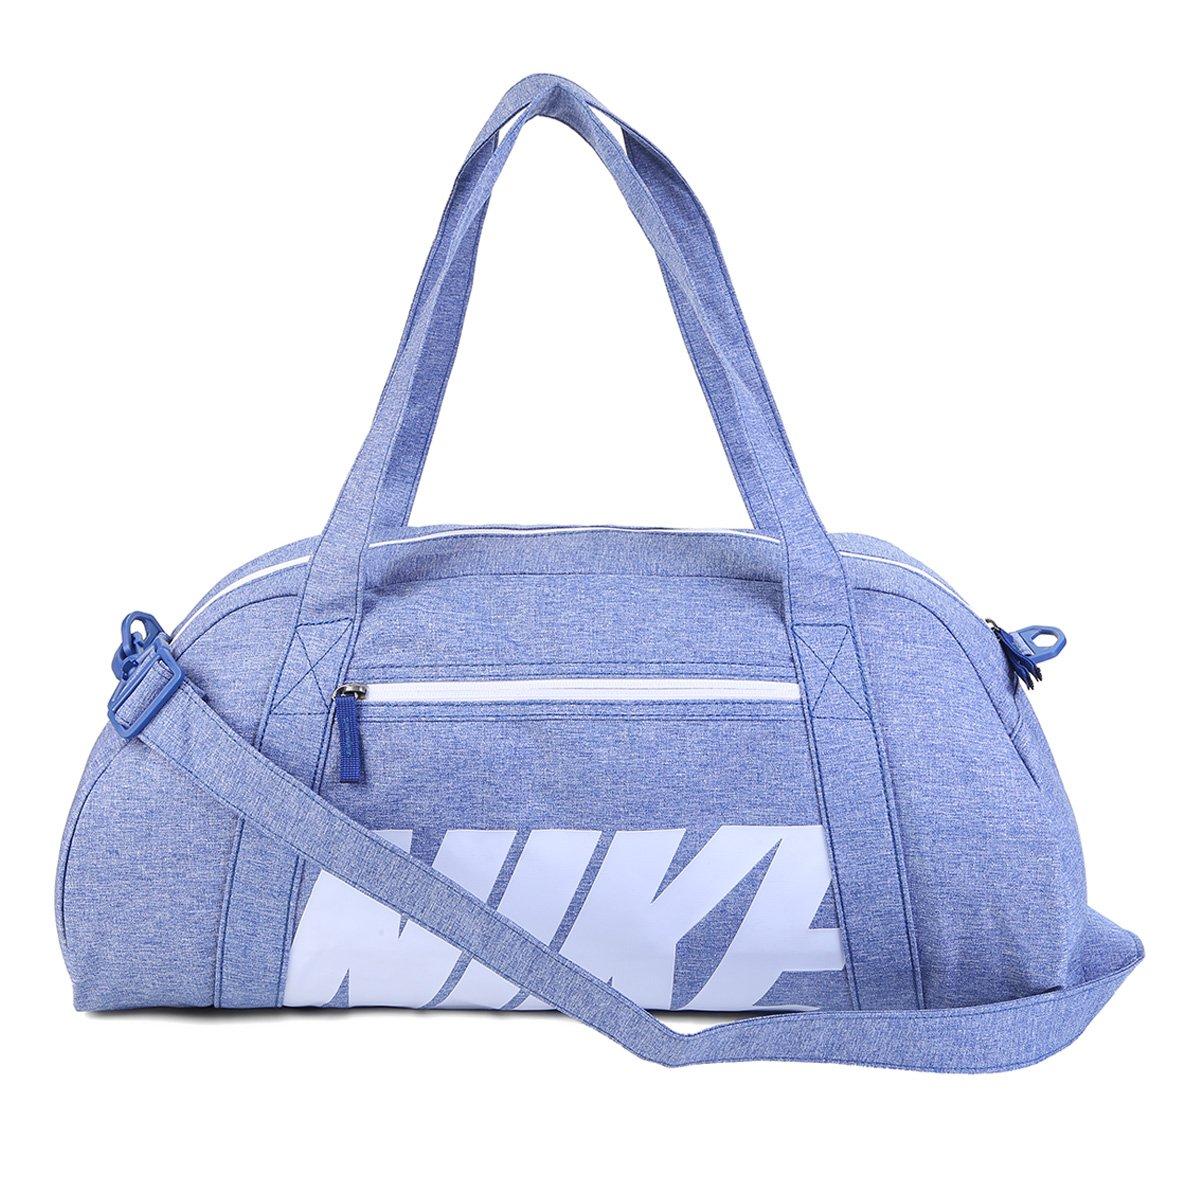 dd59c1aa43524 Bolsa Nike Gym Club Feminina - Azul - Compre Agora